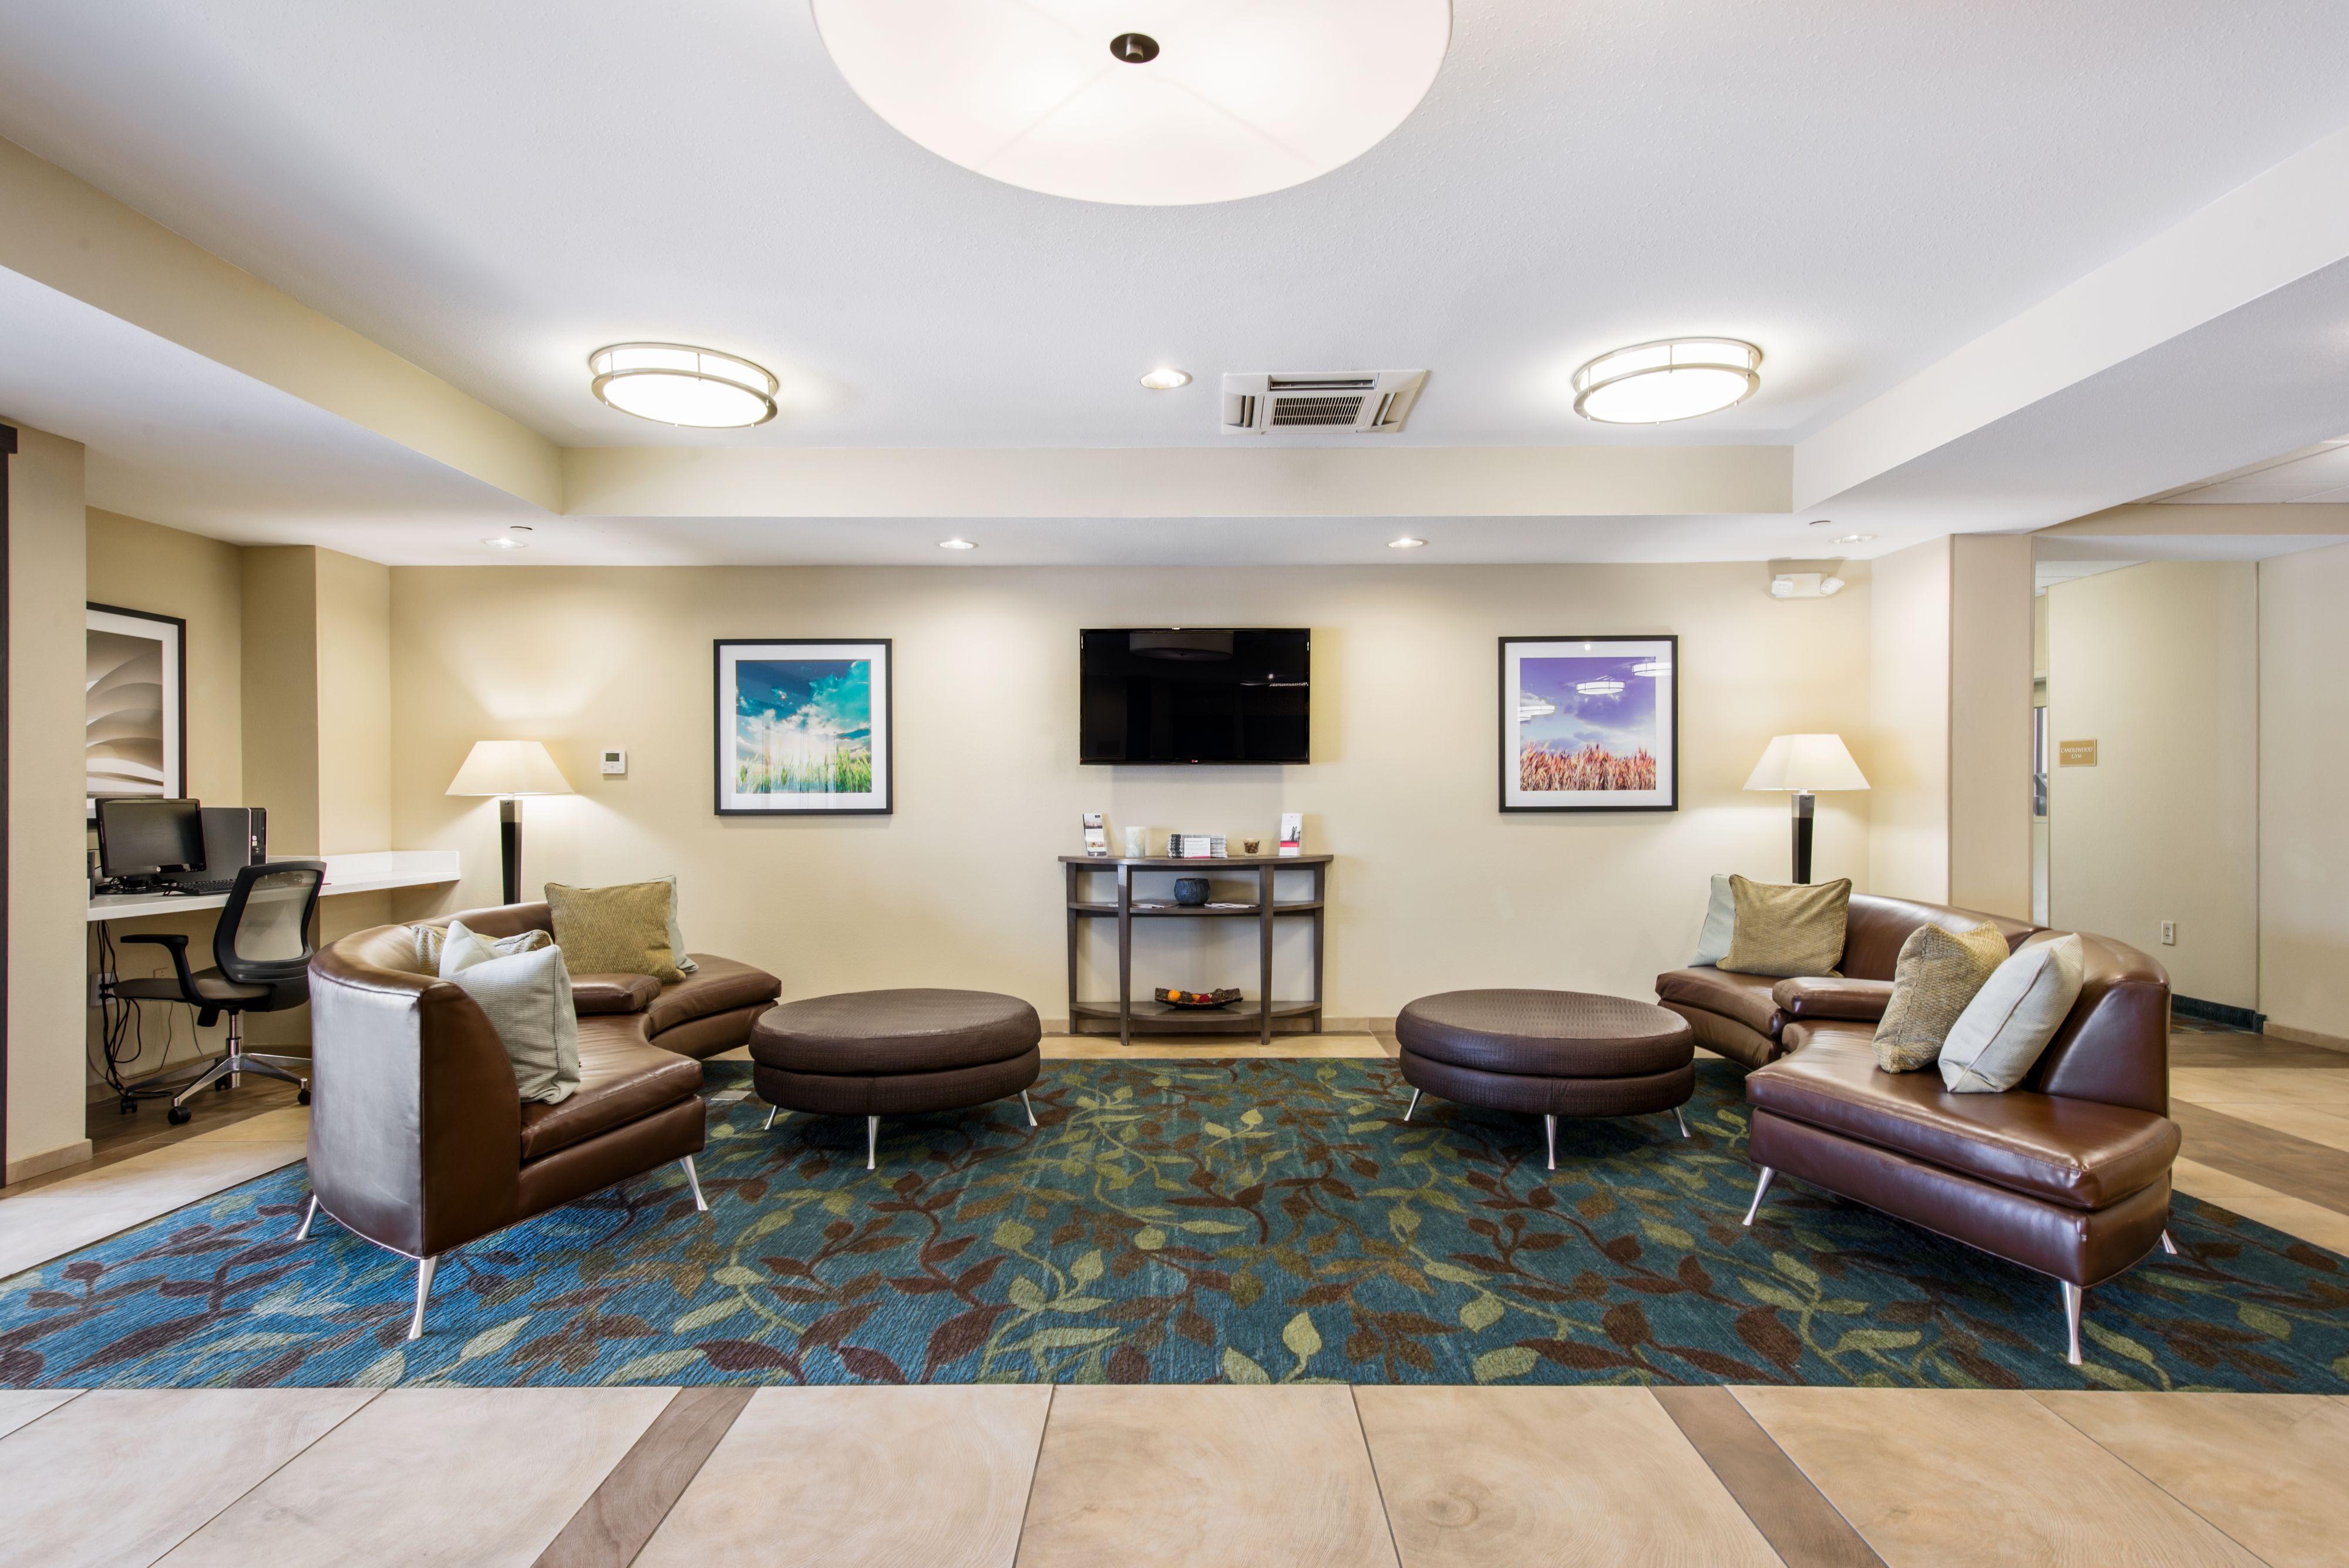 Candlewood Suites Atlanta West I-20 image 3